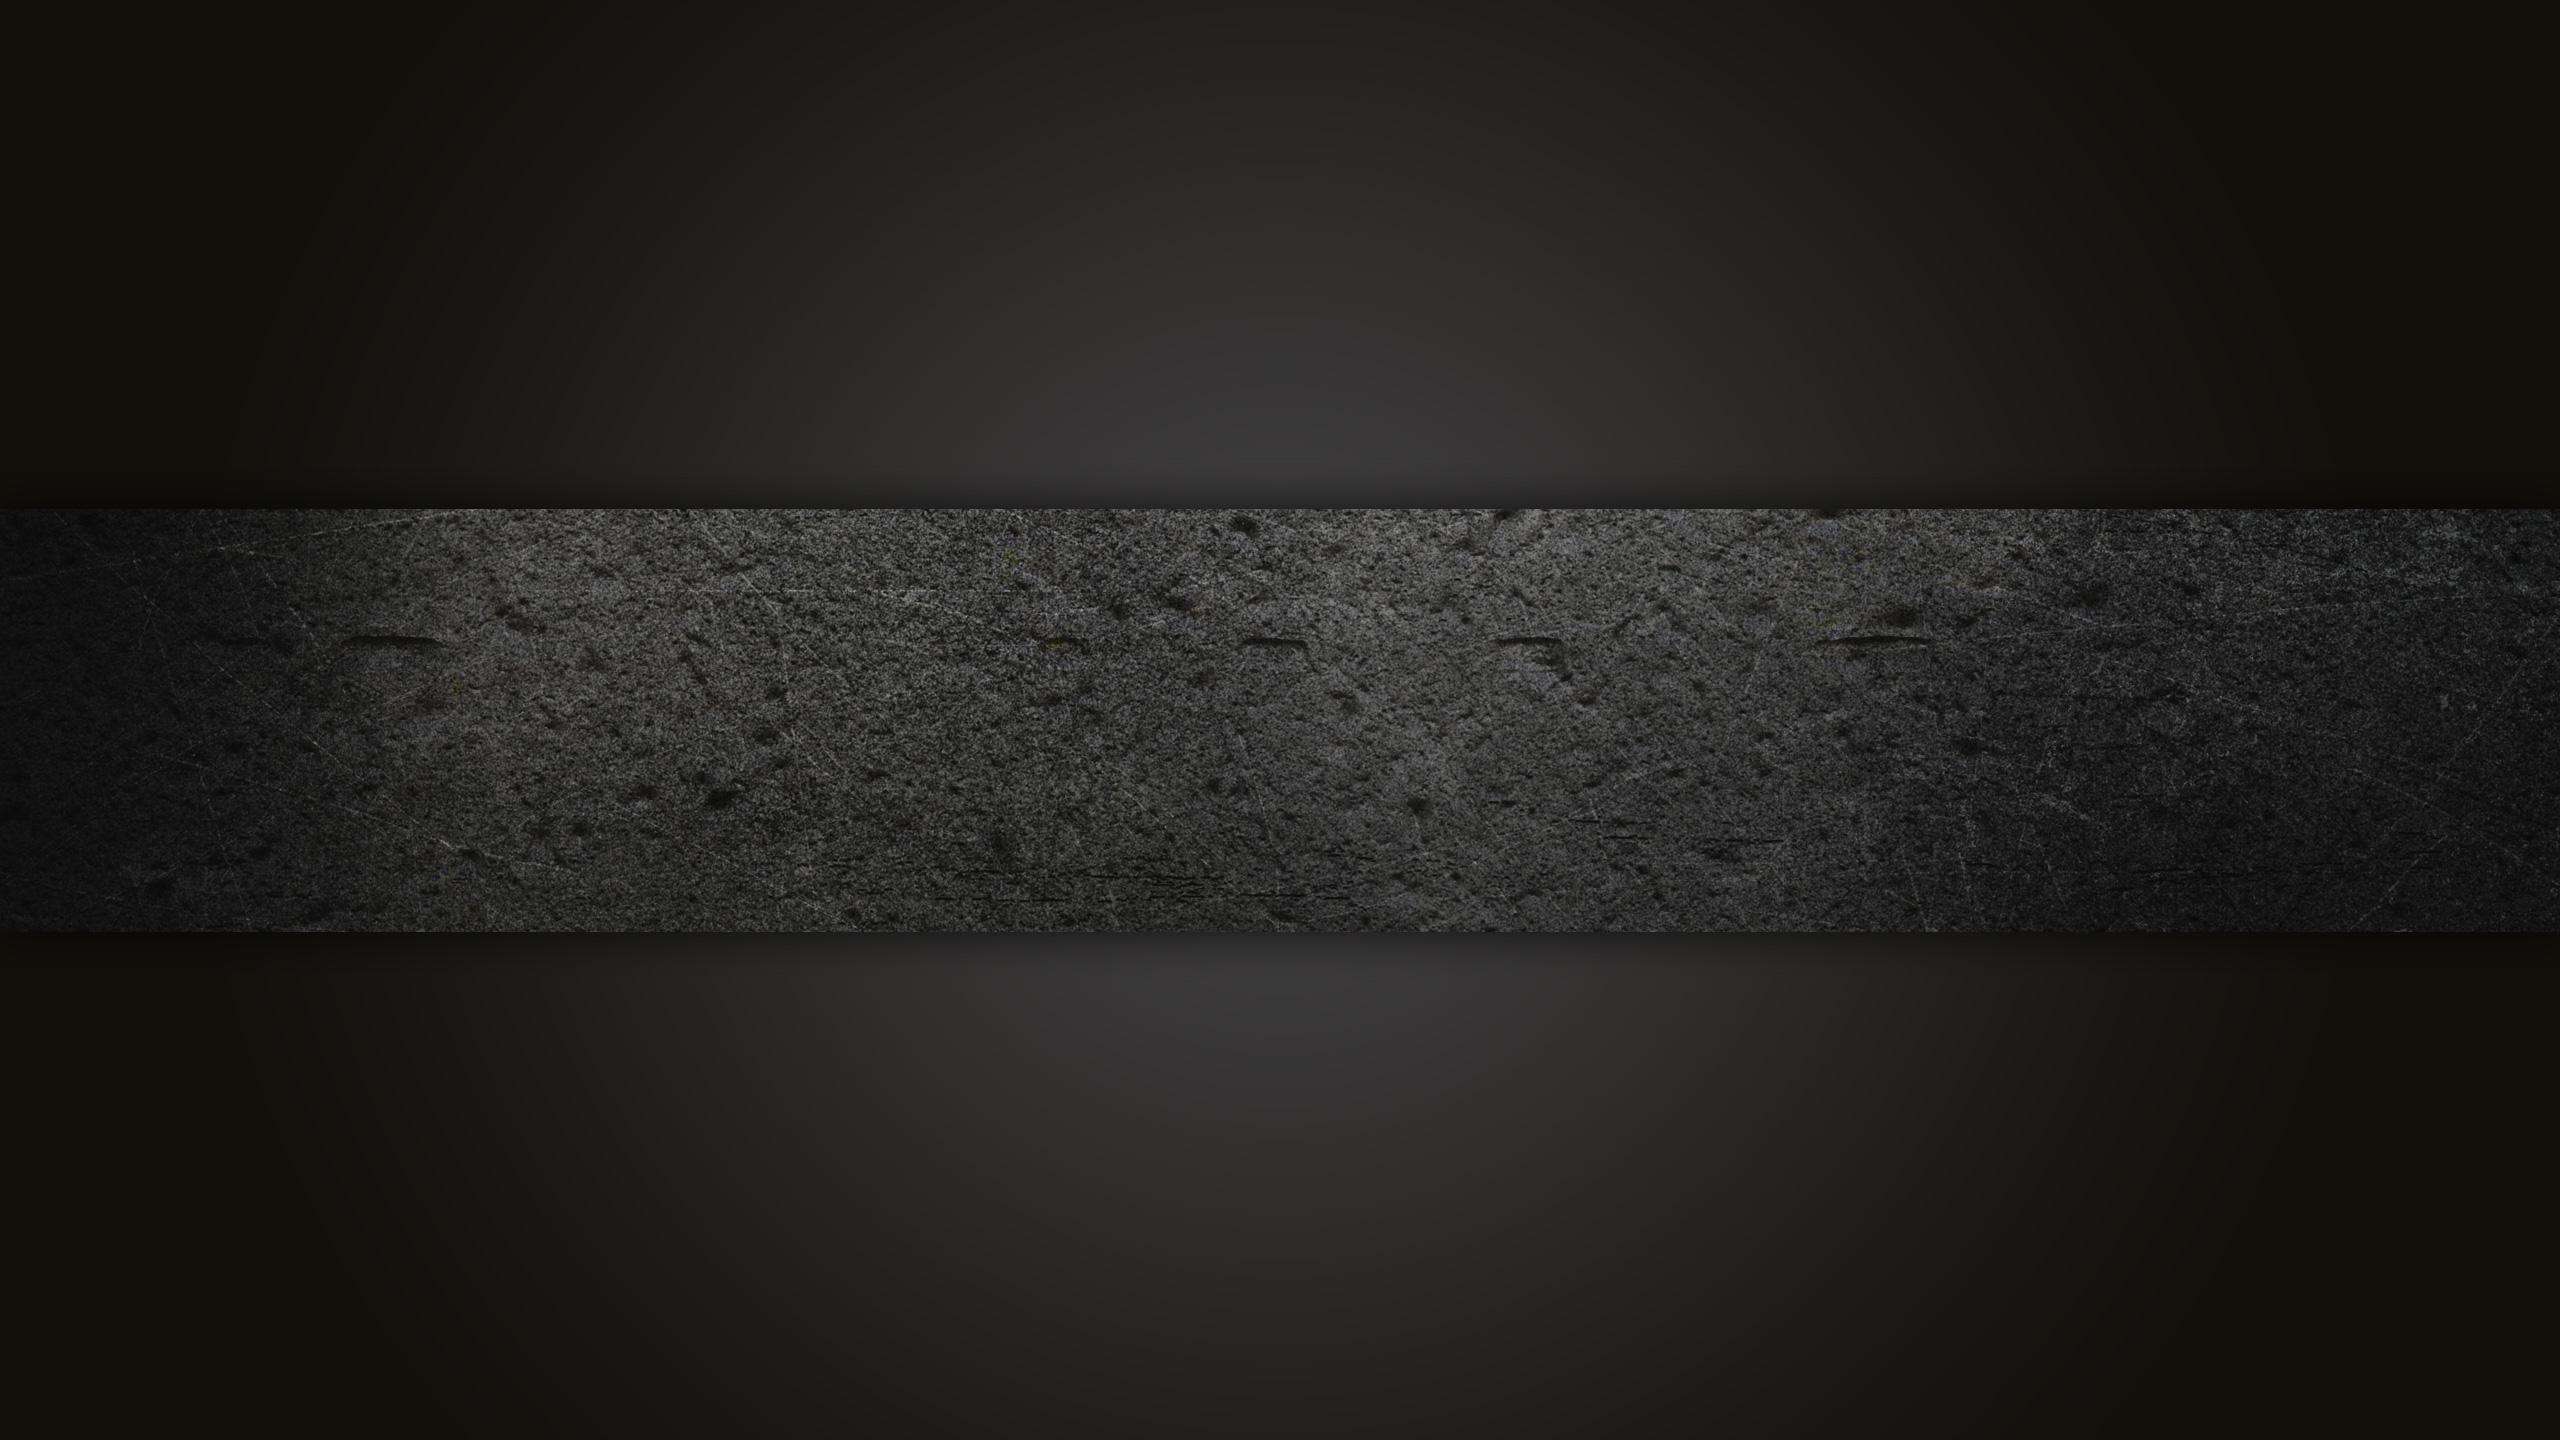 Черный прямоугольник без текста